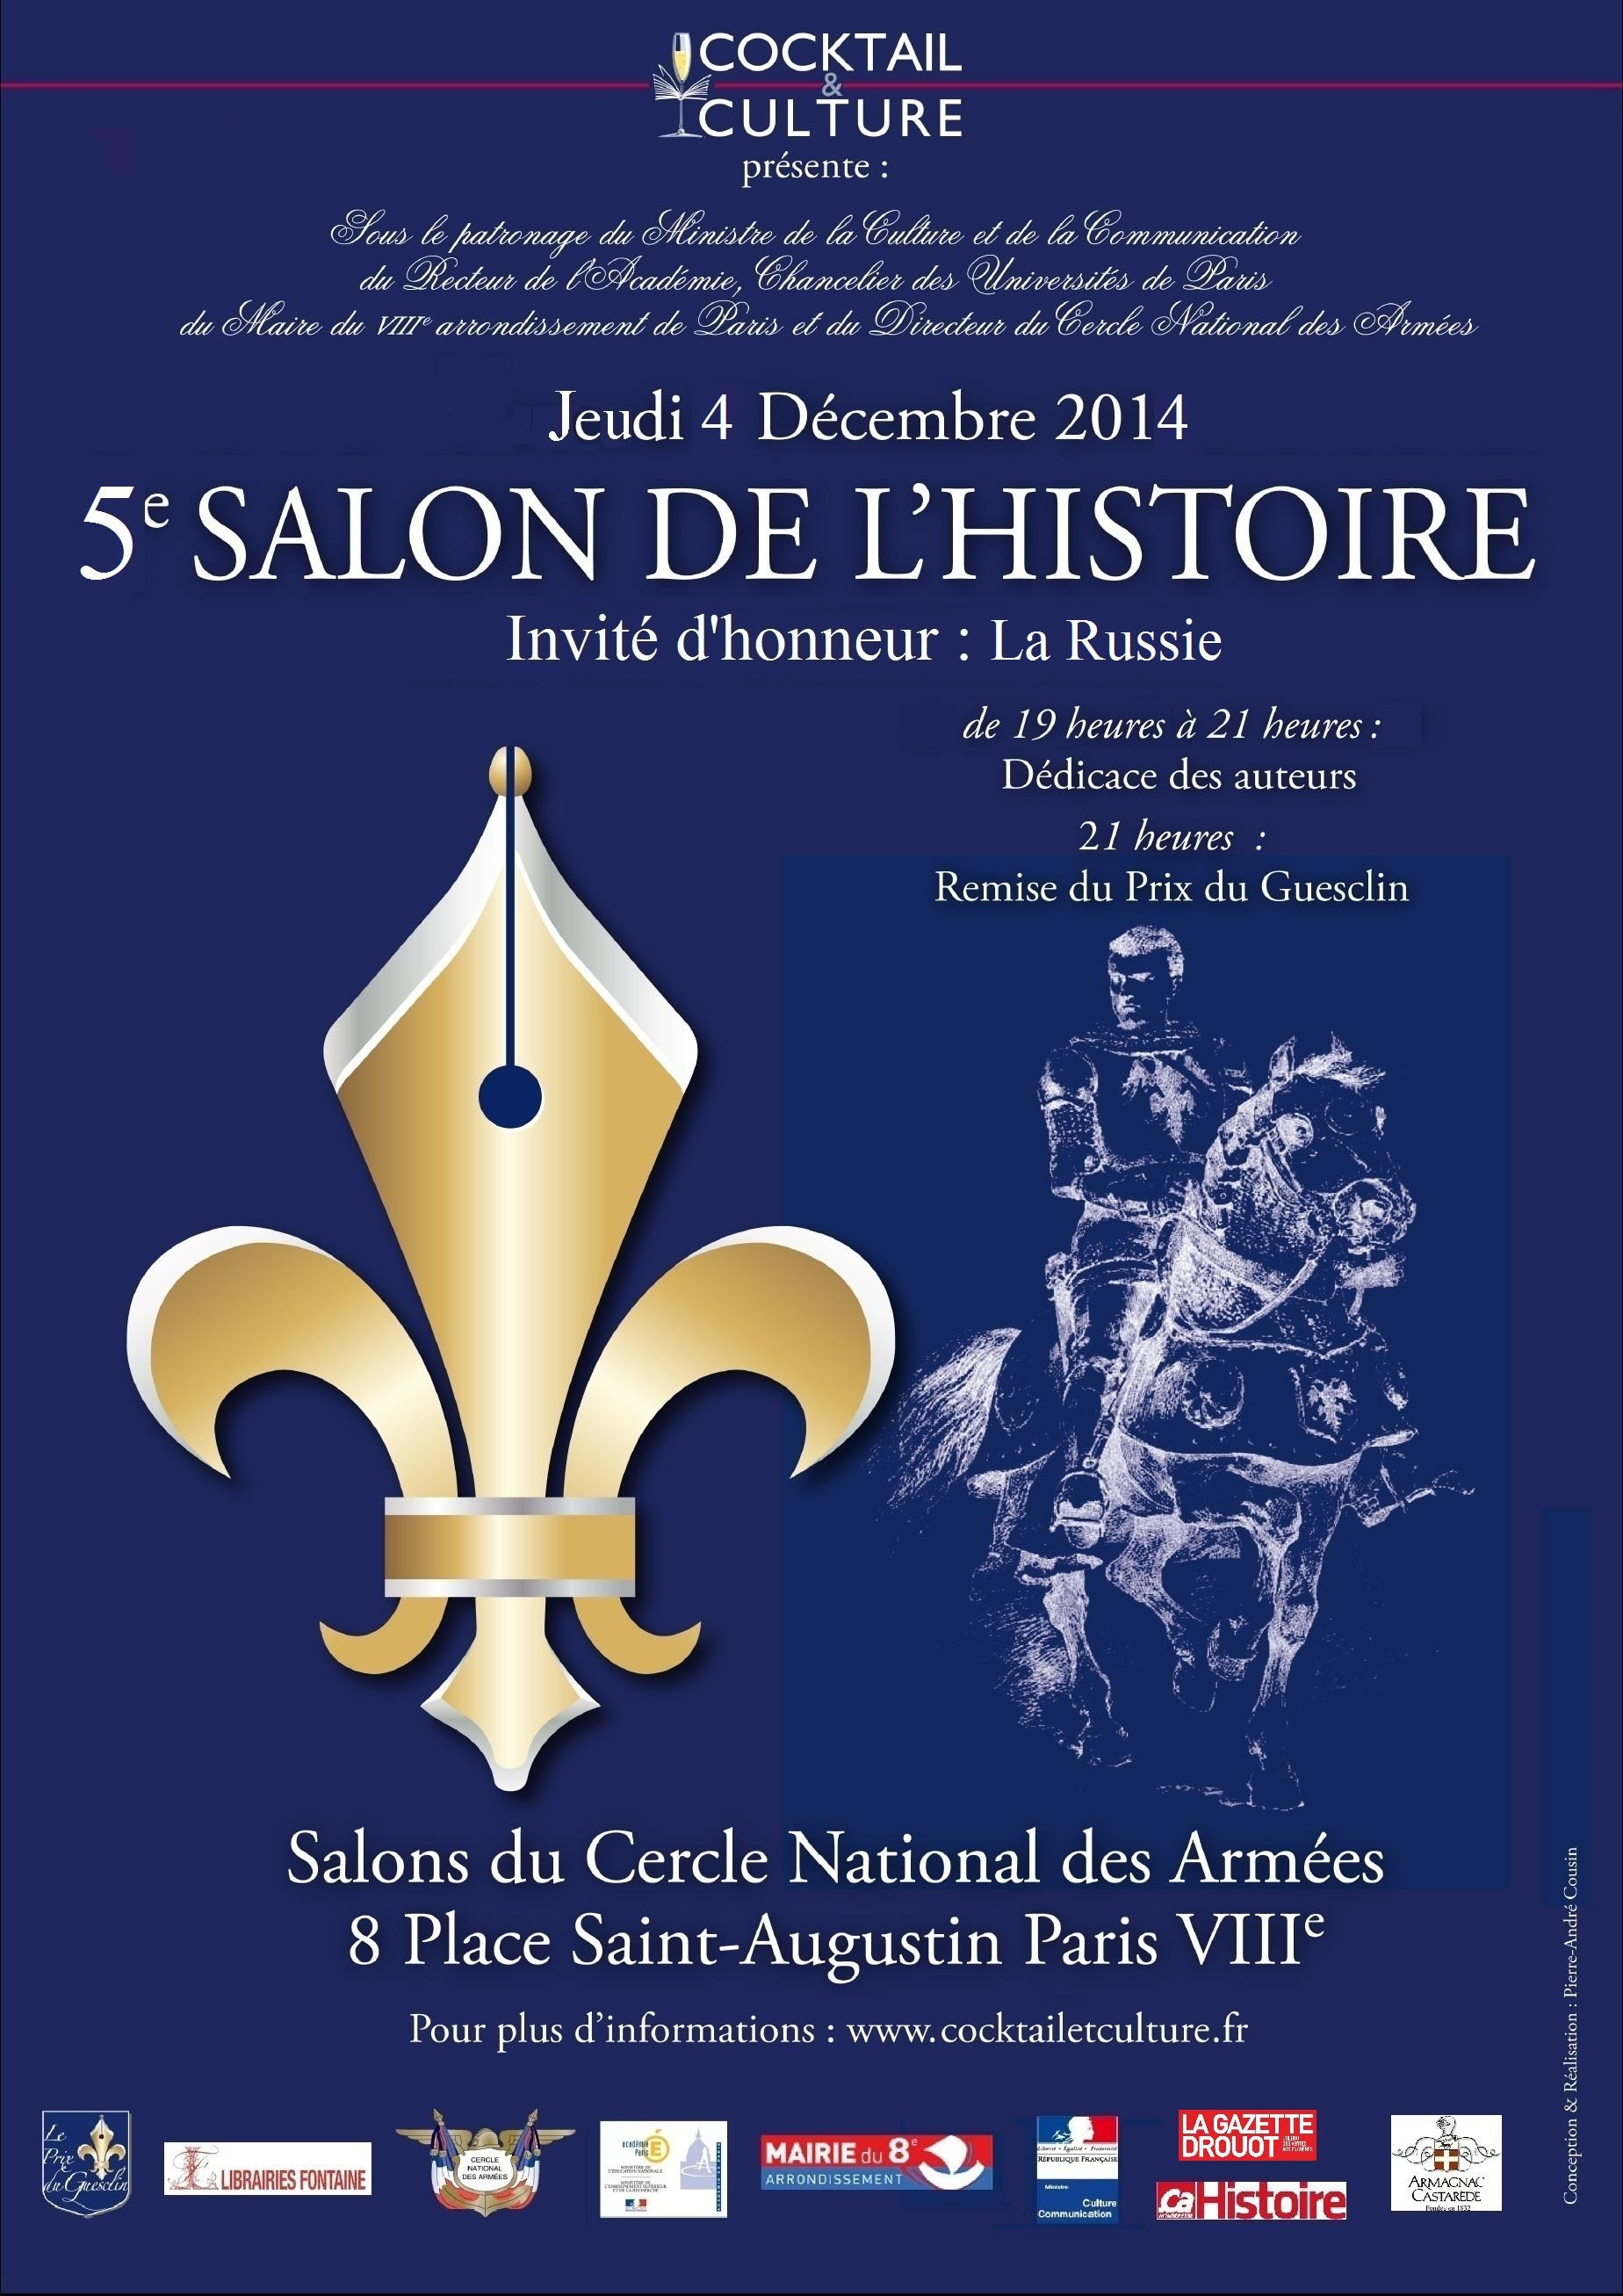 Salon de l histoire prix du guesclin cocktail et culture for Porte de champerret salon histoire